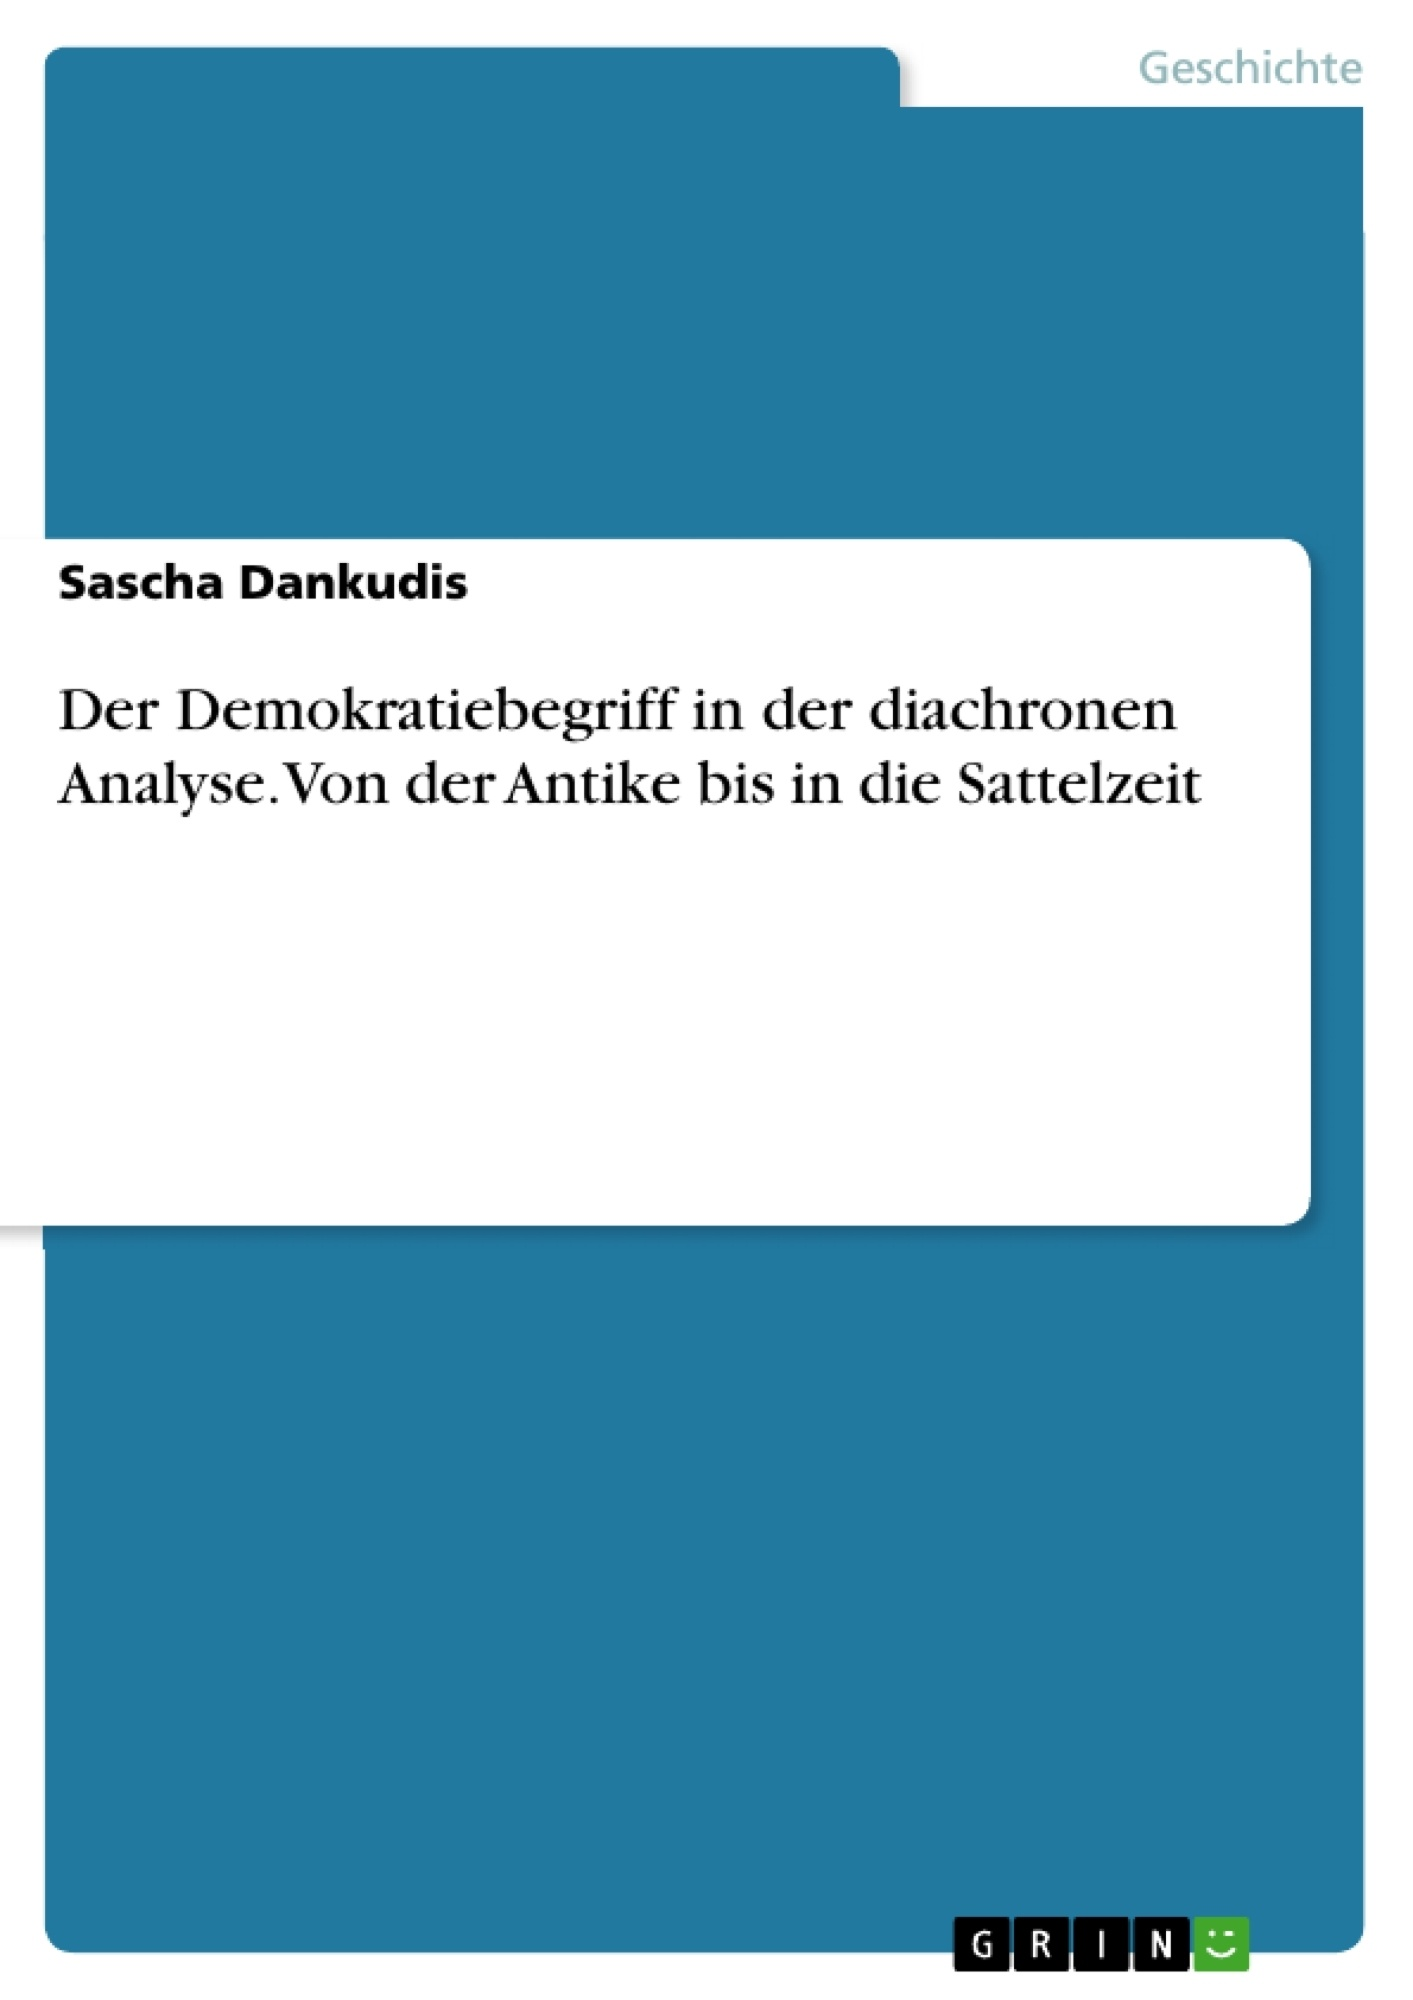 Titel: Der Demokratiebegriff in der diachronen Analyse. Von der Antike bis in die Sattelzeit